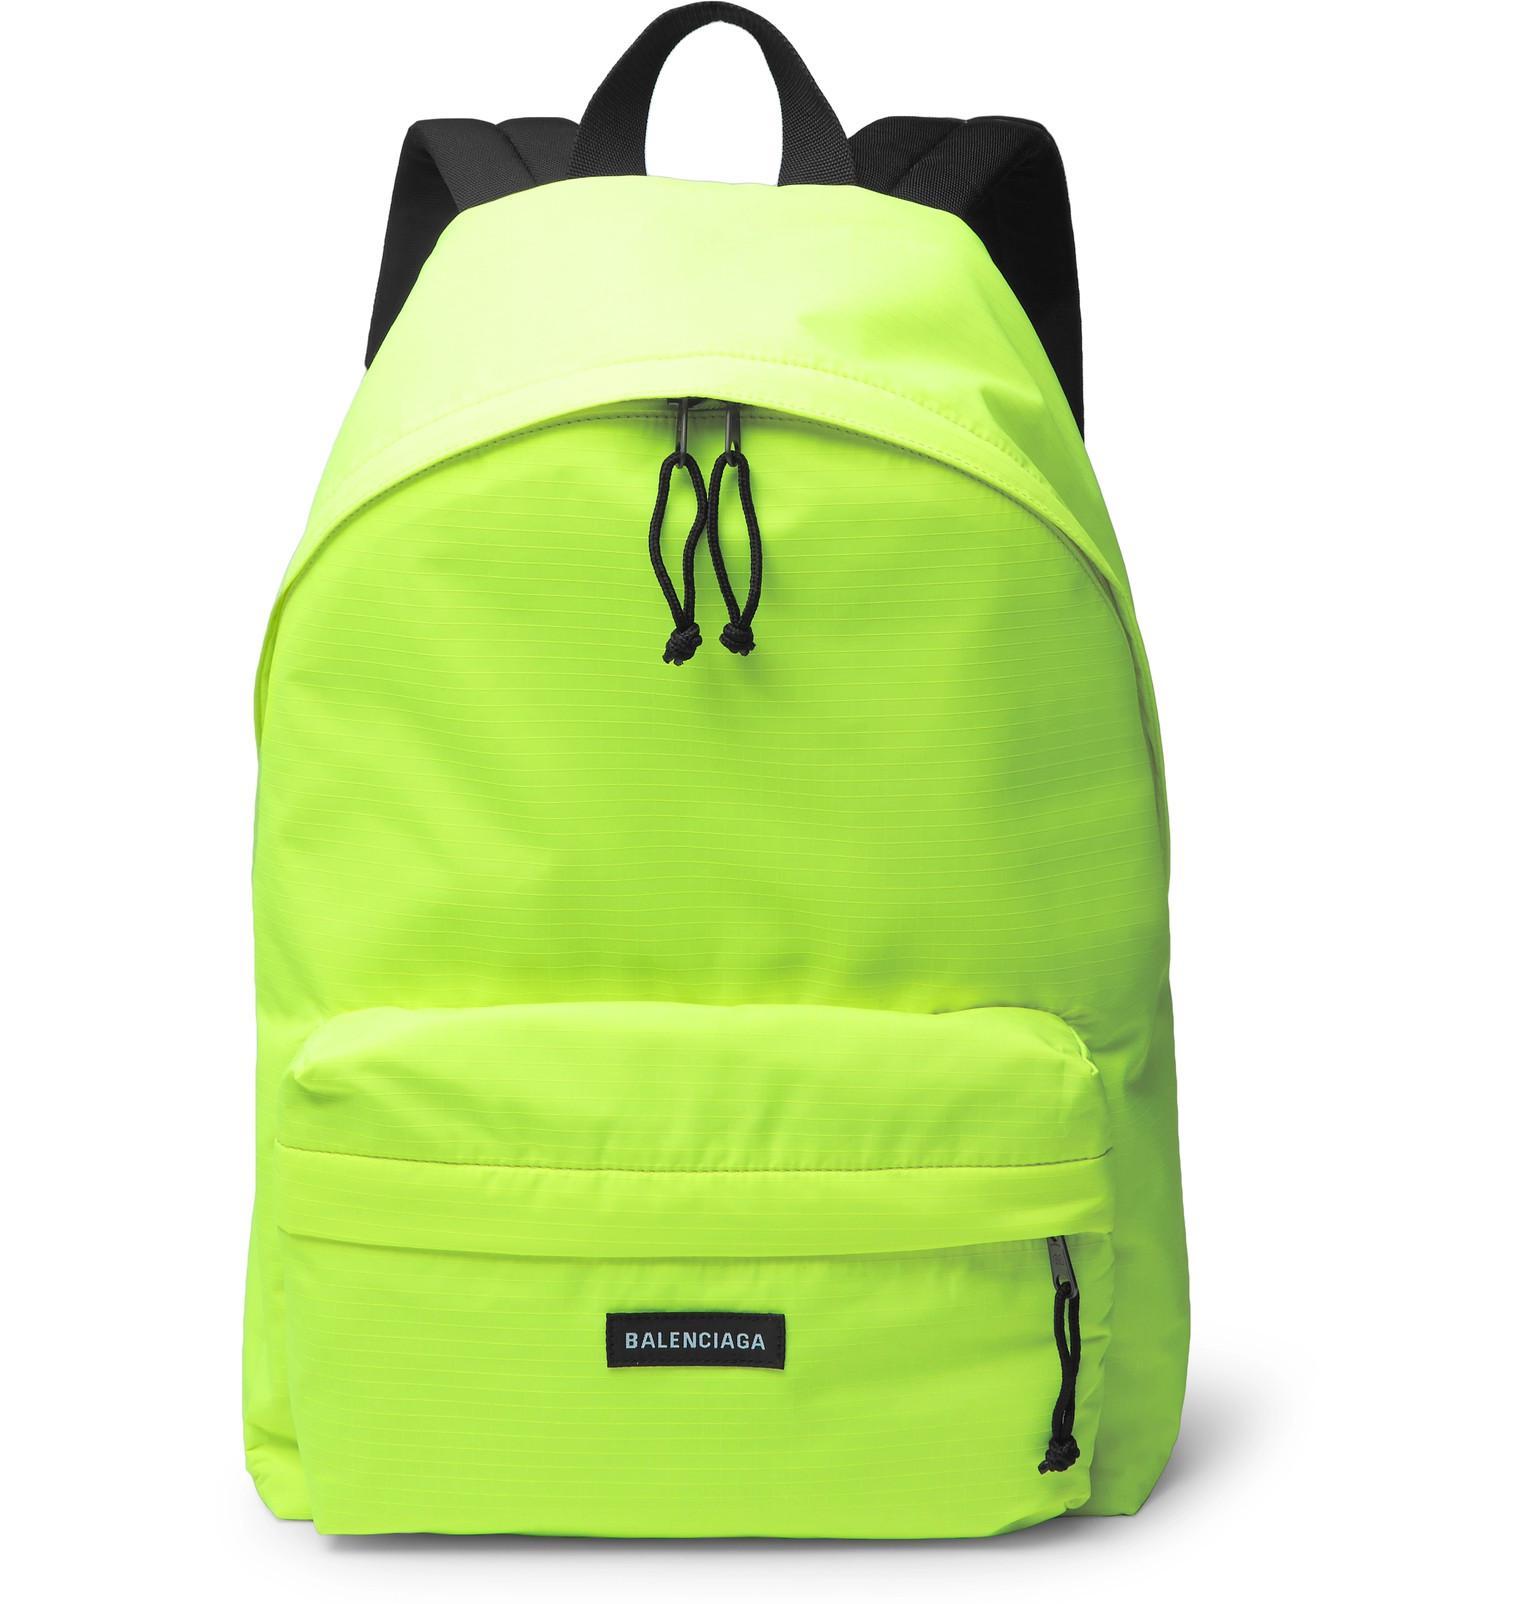 Balenciaga - Yellow Explorer Neon Ripstop Backpack for Men - Lyst. View  fullscreen 053ea383288e0